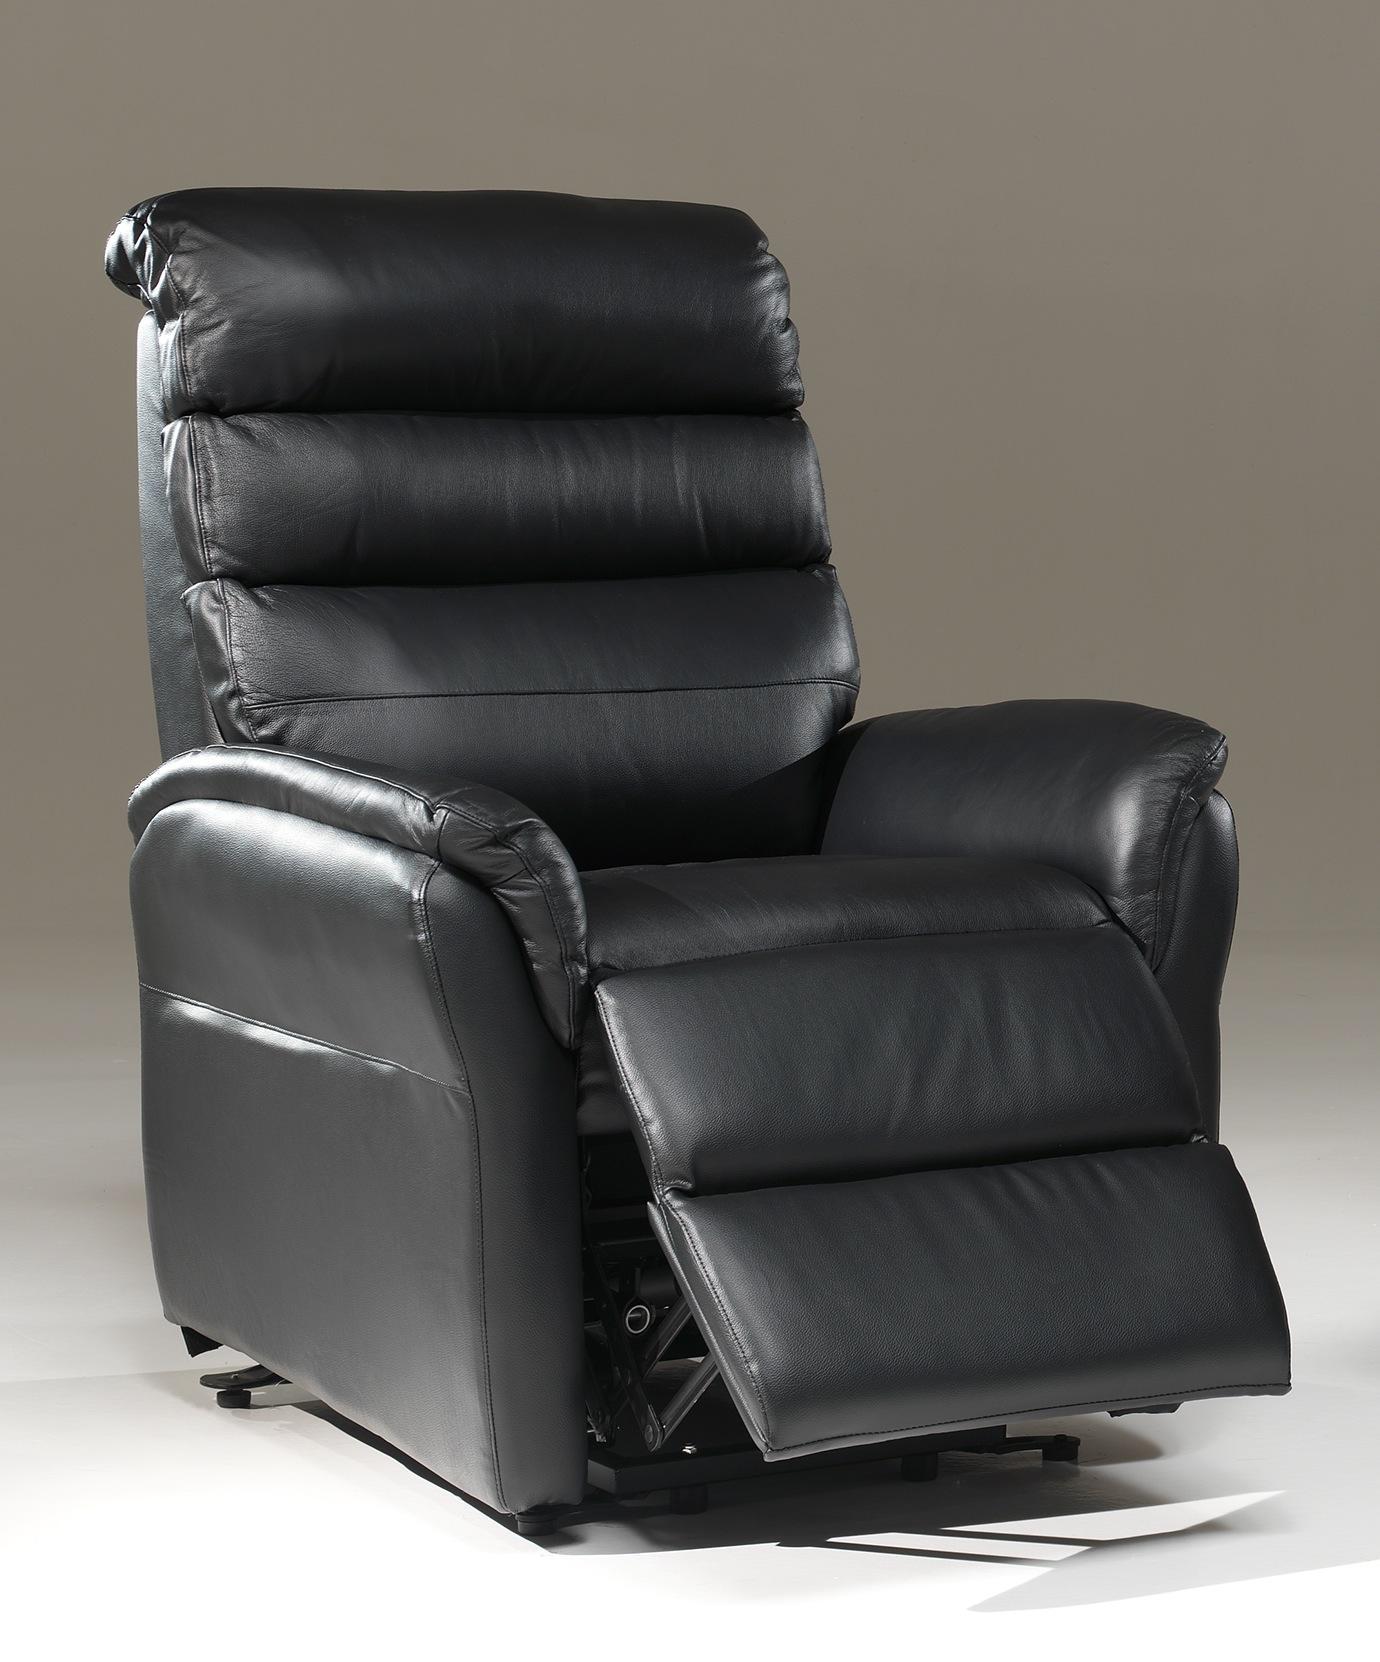 Fauteuil de relaxation électrique en cuir noir 2 moteurs avec releveur Joris